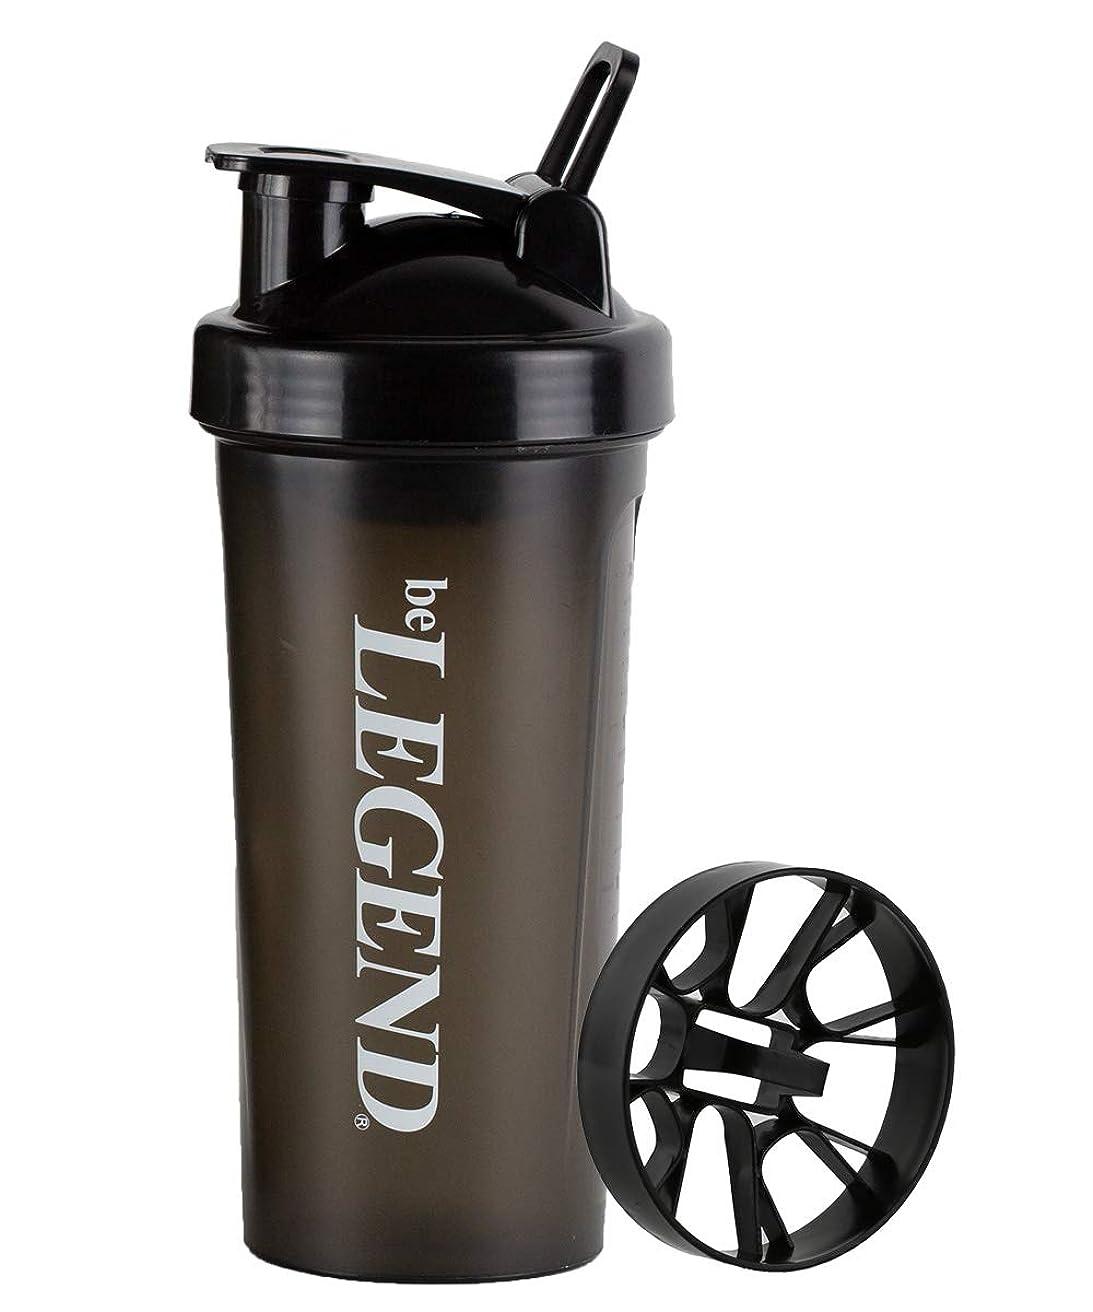 指導する誘導ビタミン(シェイクネット付)ビーレジェンド シェーカーボトル ブラック 600ml